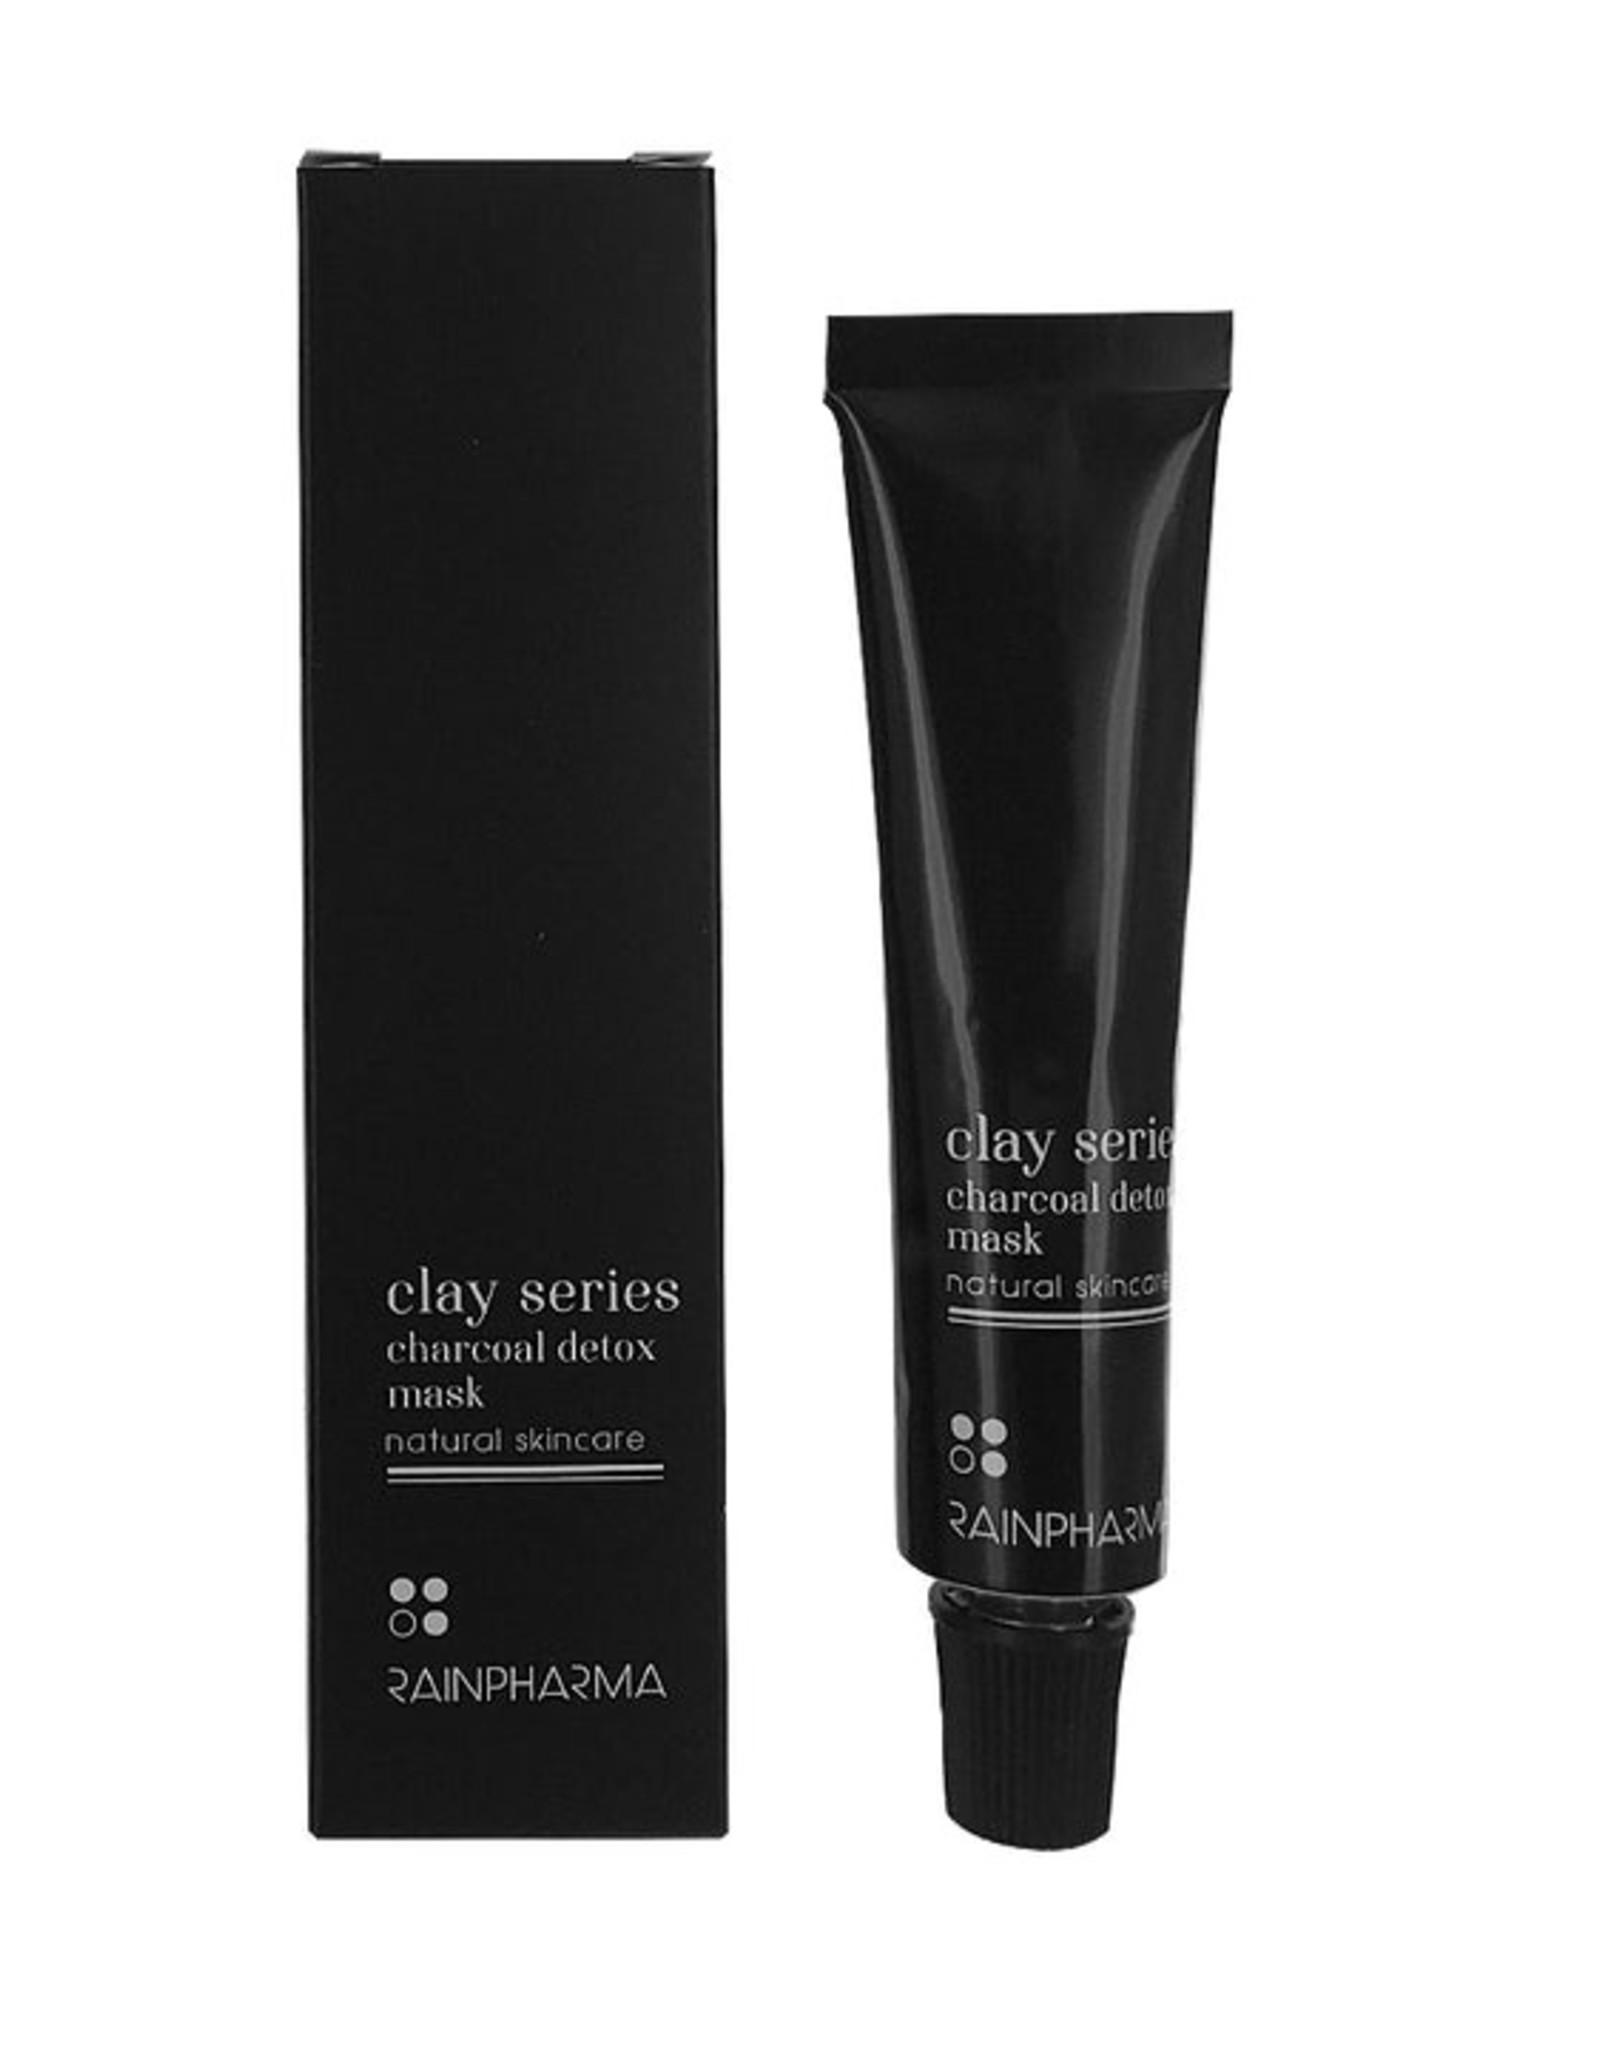 RainPharma TRAVEL - Charcoal Detox Mask Tube 10ml - Rainpharma